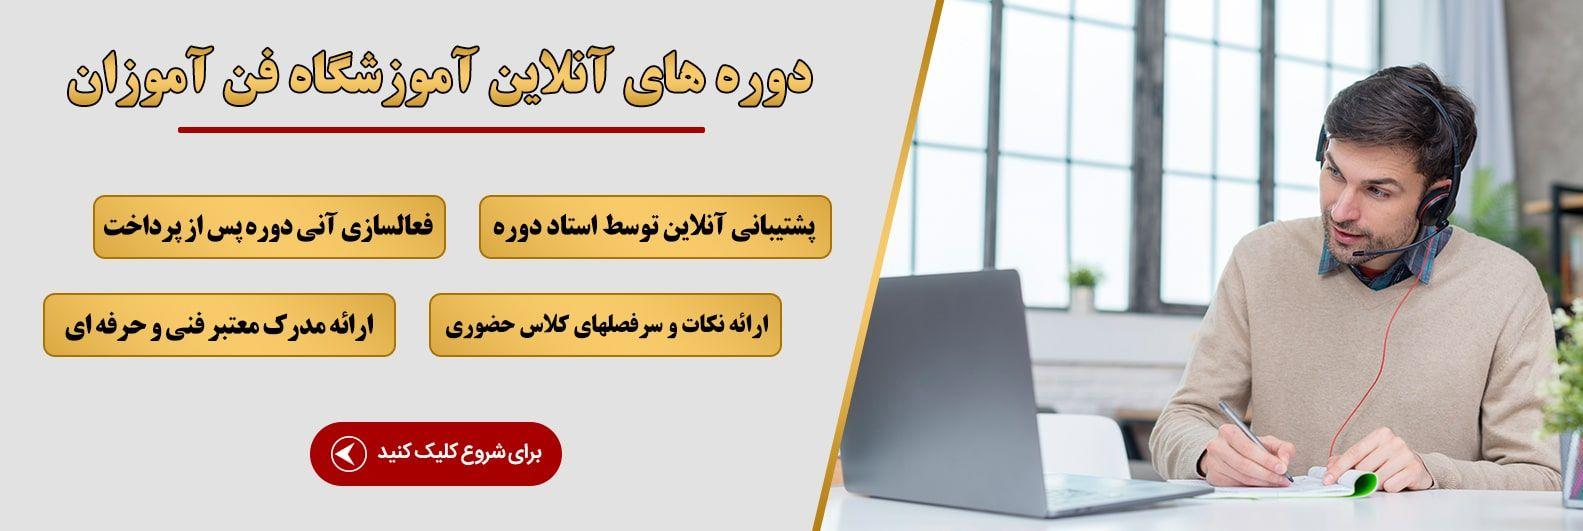 آموزشگاه فن آموزان آنلاین